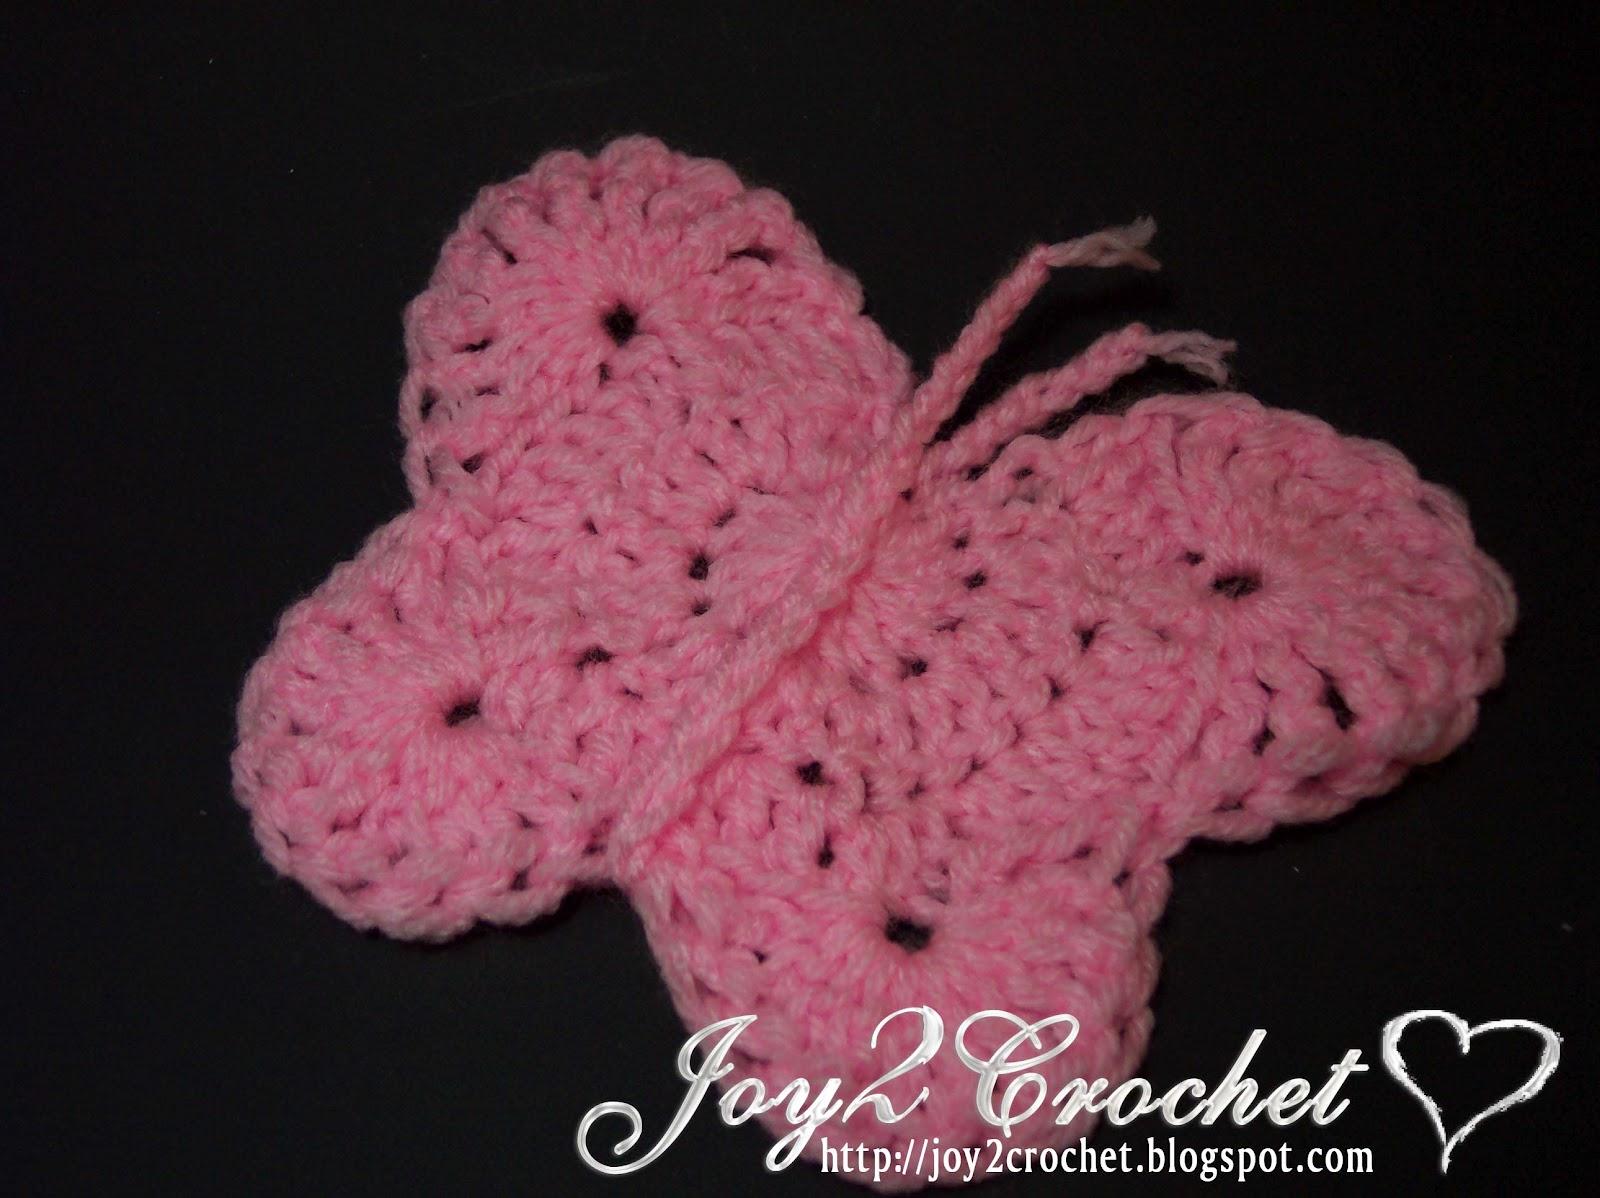 Joy 2 Crochet: Crochet Butterfly Appliqué